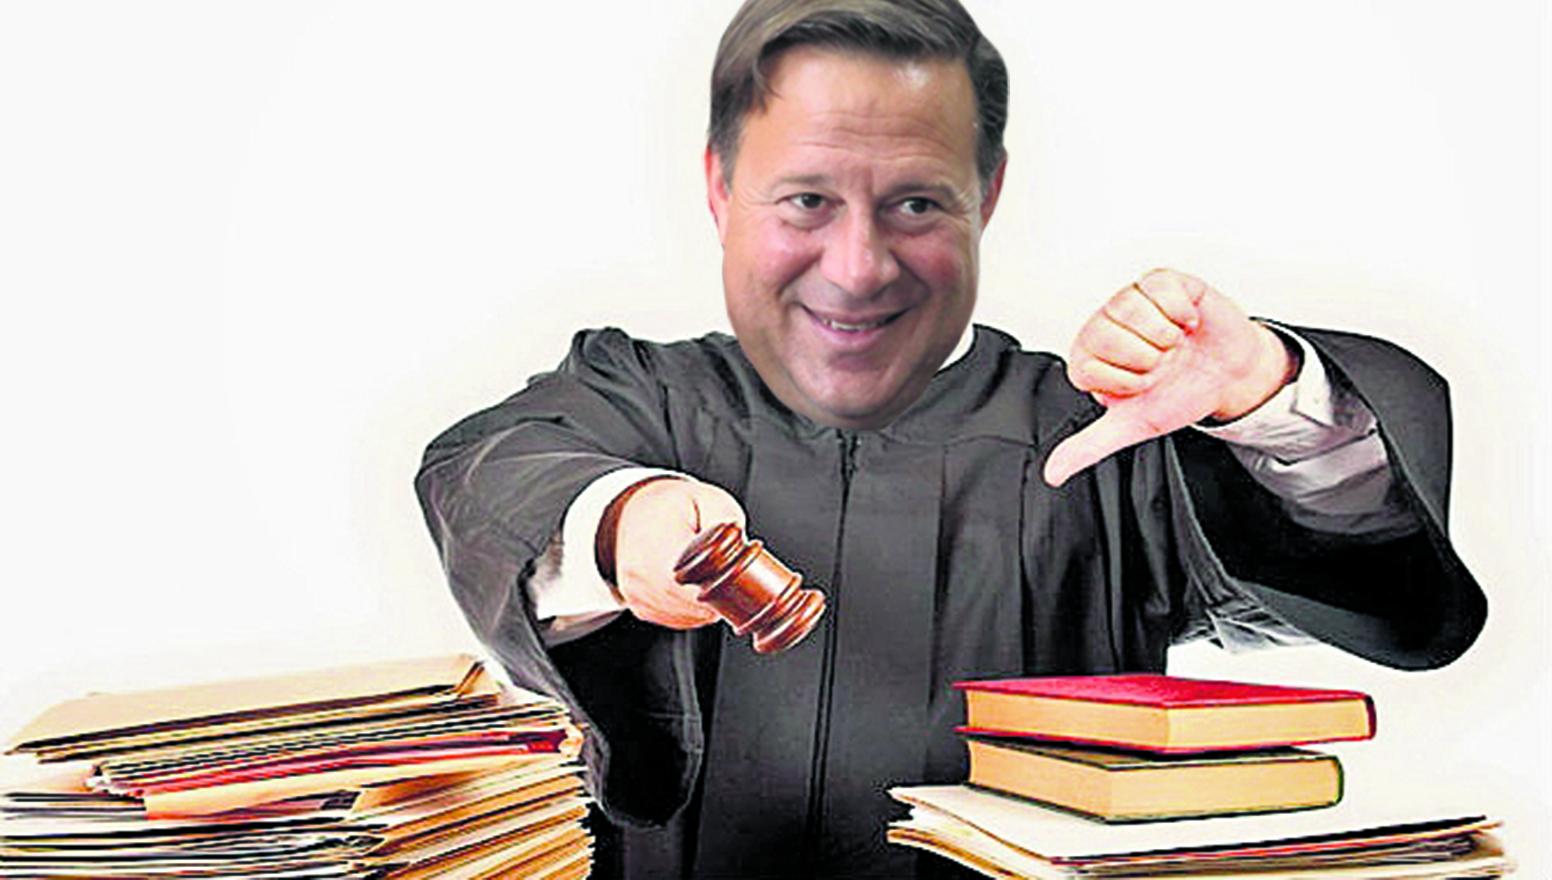 Panamá: Varela advierte sobre irregularidades en justicia de su país